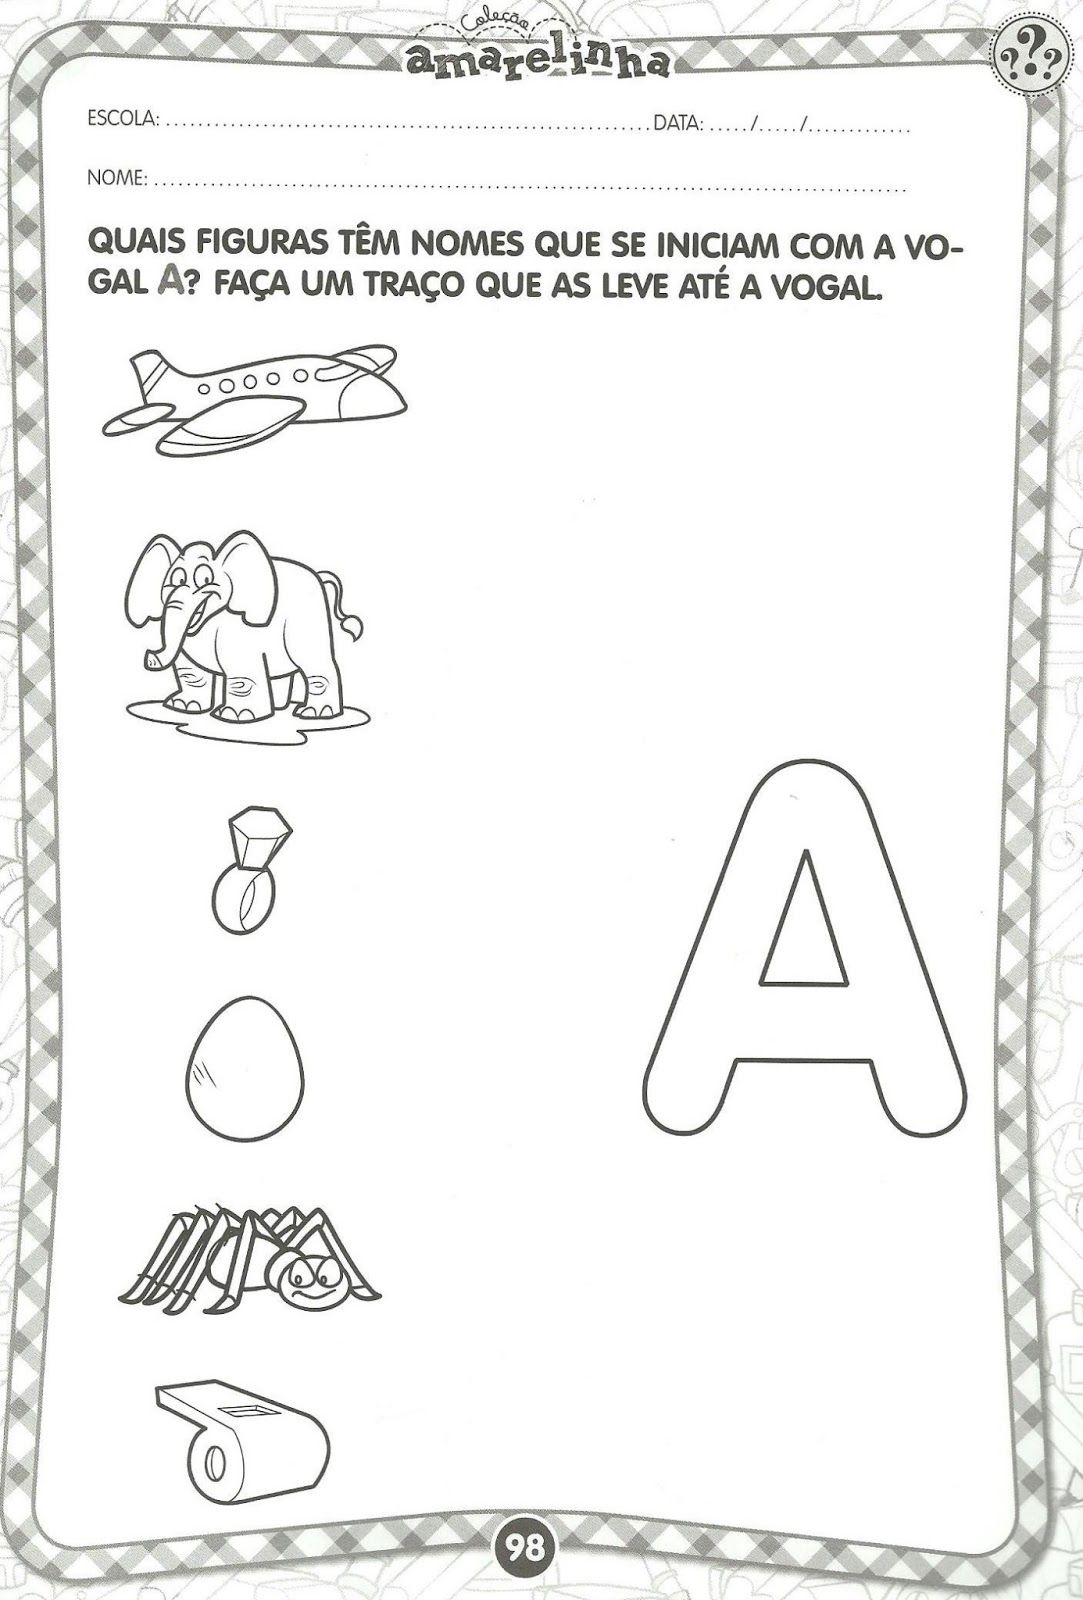 Favoritos Atividades Educativas com vogais | Atividades educativas  CN29